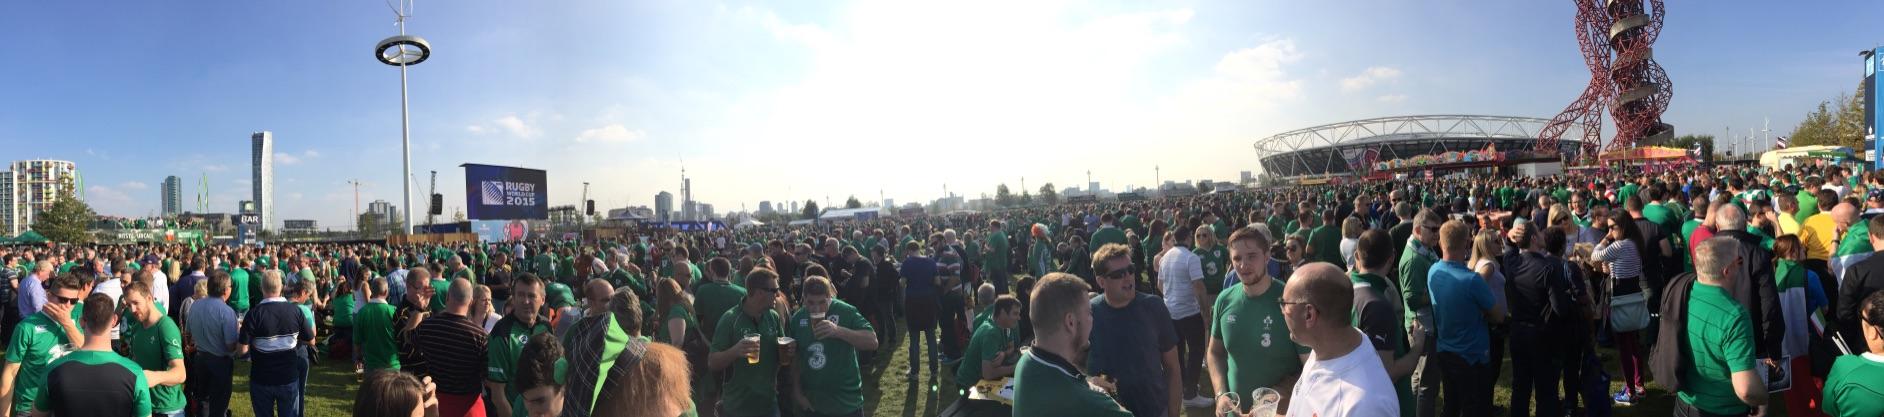 RWC 2015 – IRL V ITA Fanzone